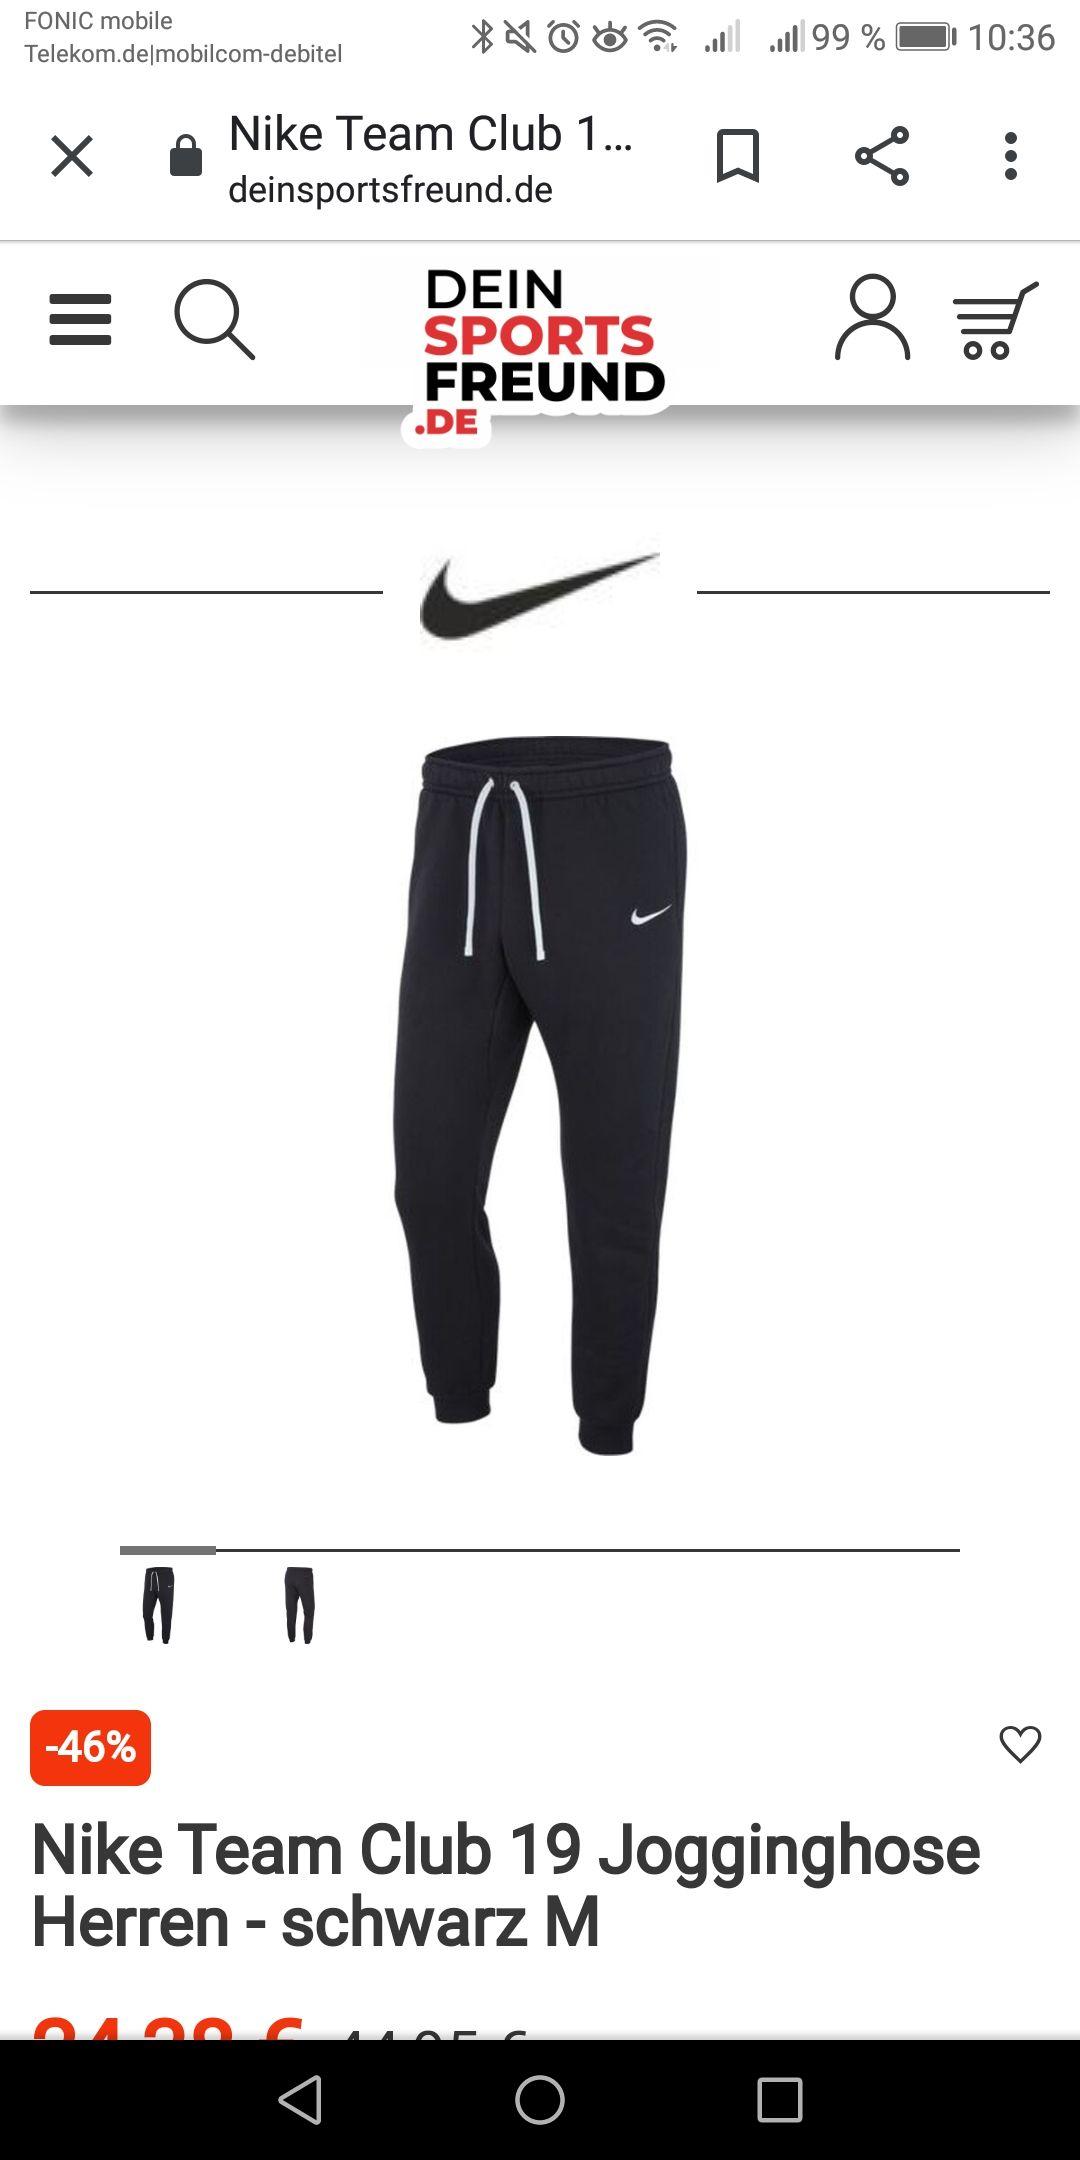 Nike Team Club 19 Jogginghose Herren - schwarz